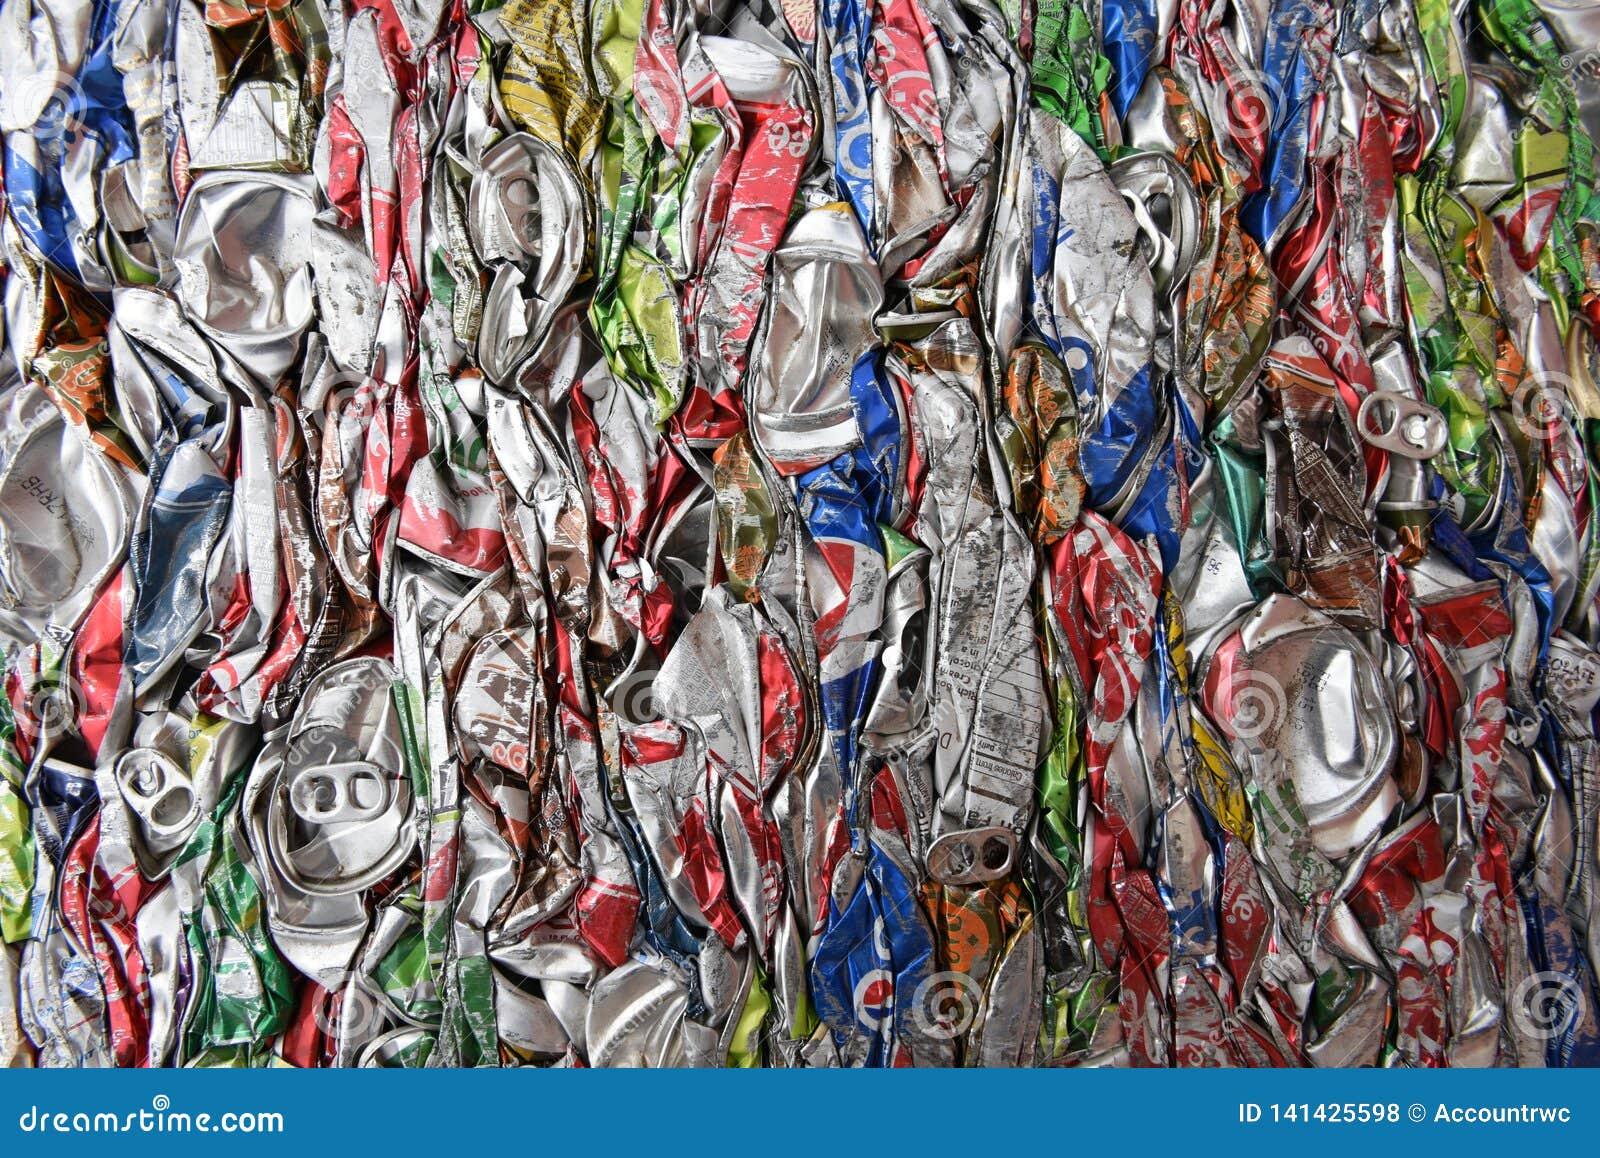 Verpletterd, samengeperst, brak, afgevlakte aluminiumsoda en bierblikken voor schroot recycling